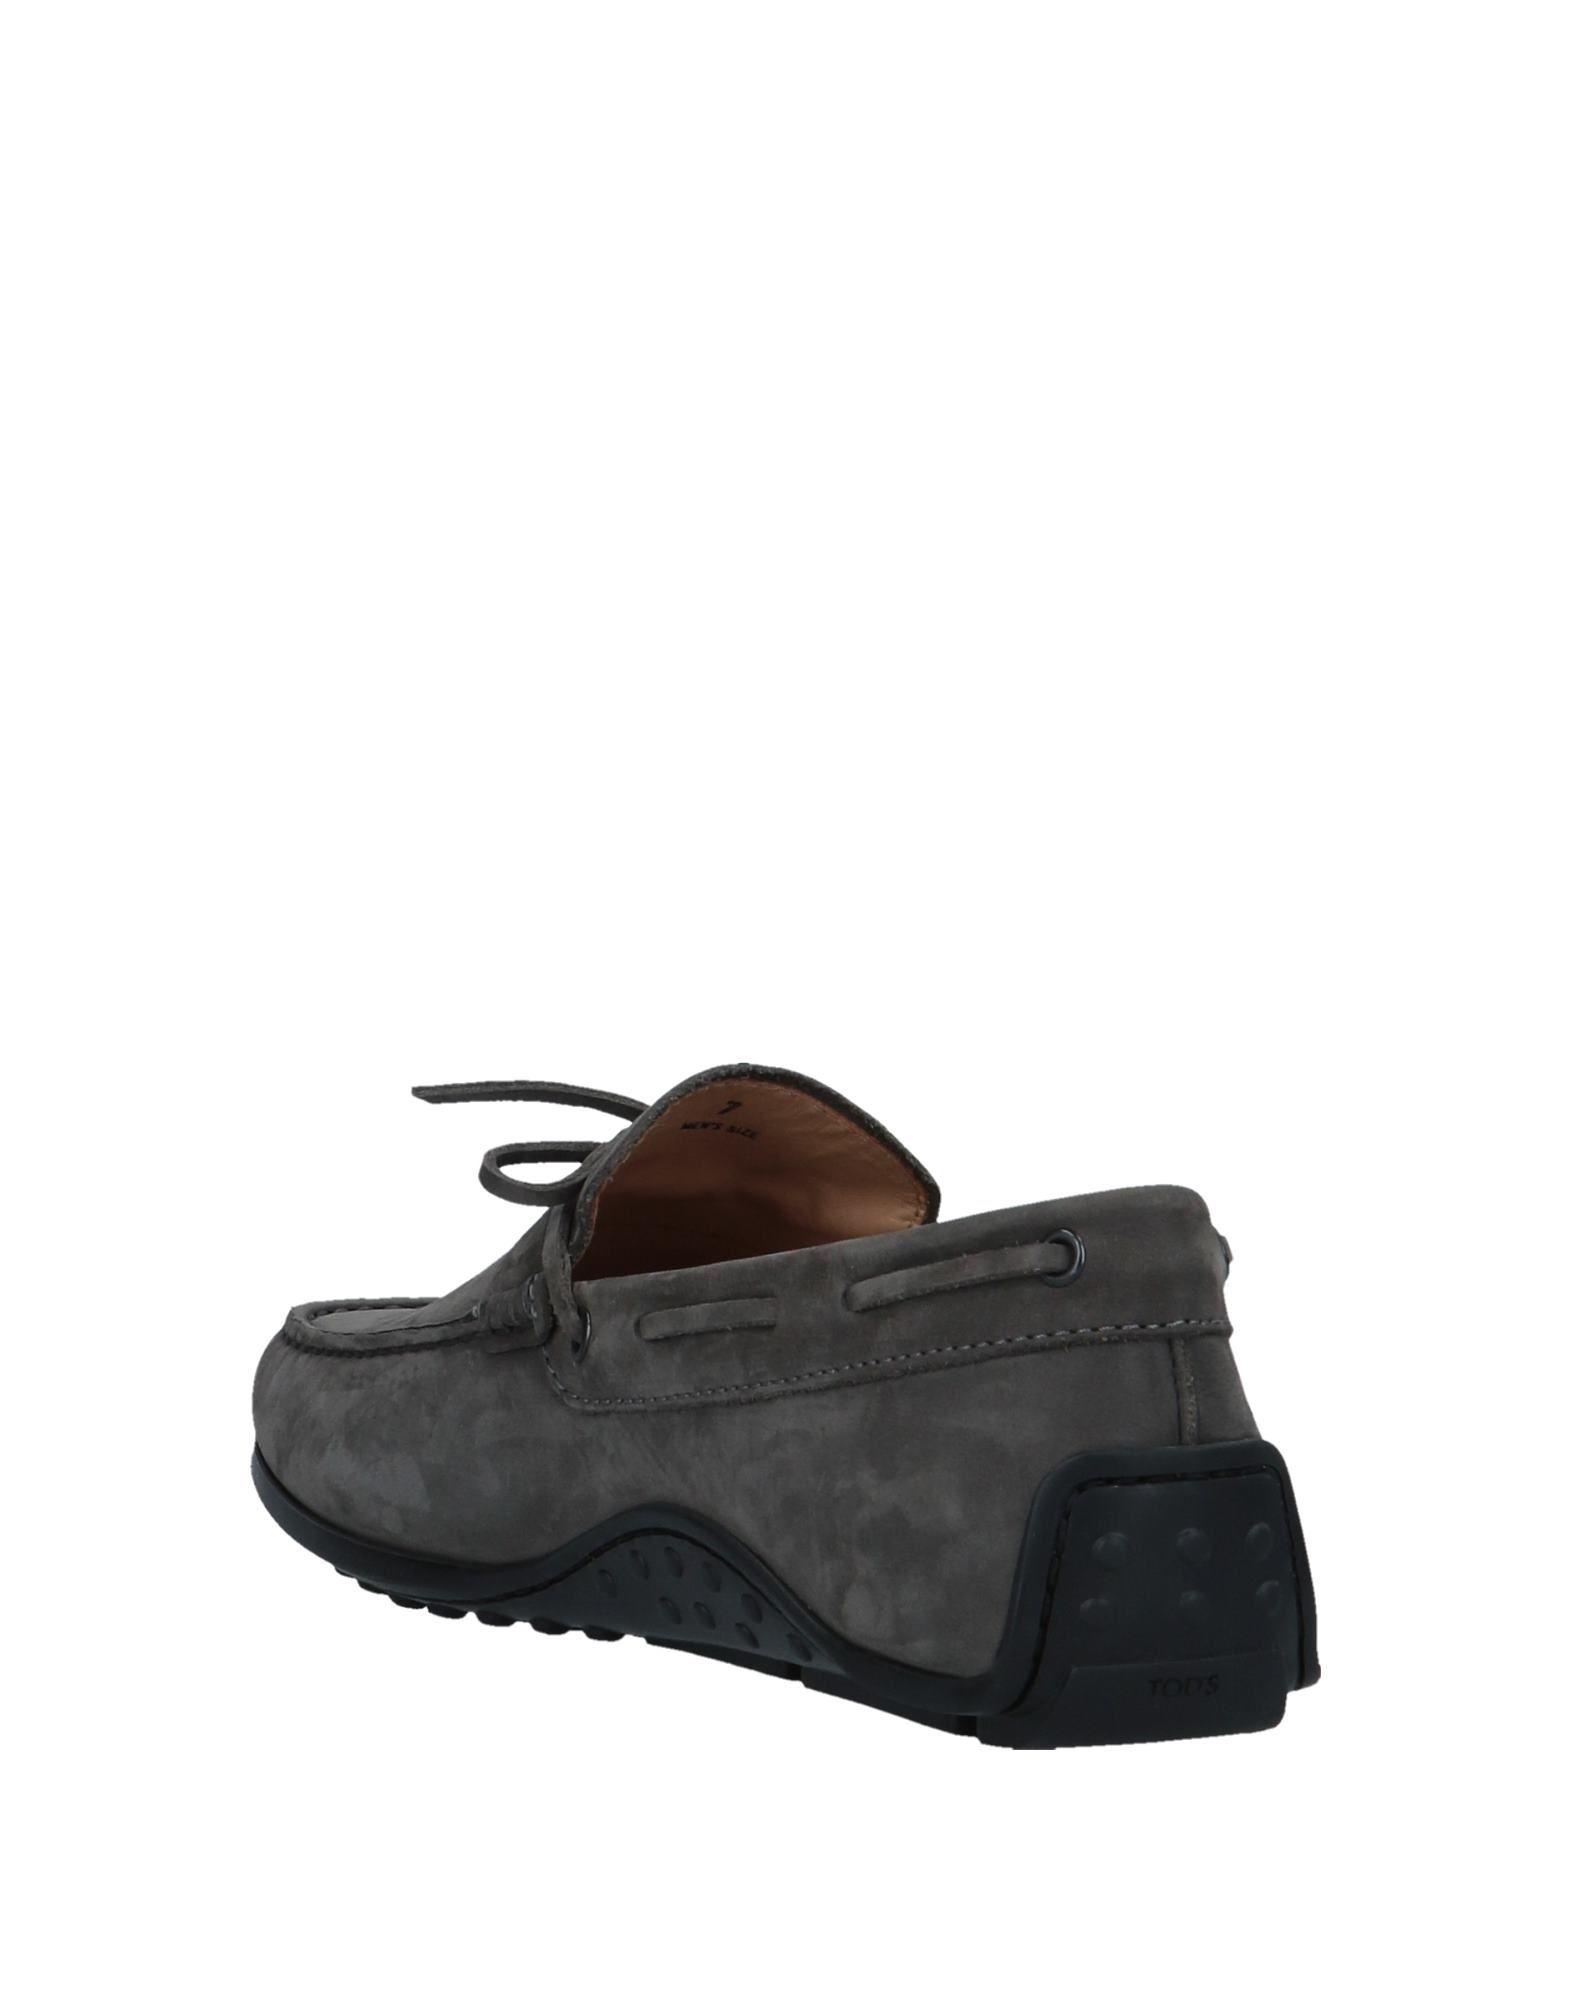 Herren Tod's Mokassins Herren   11541302FO Heiße Schuhe 58adbf